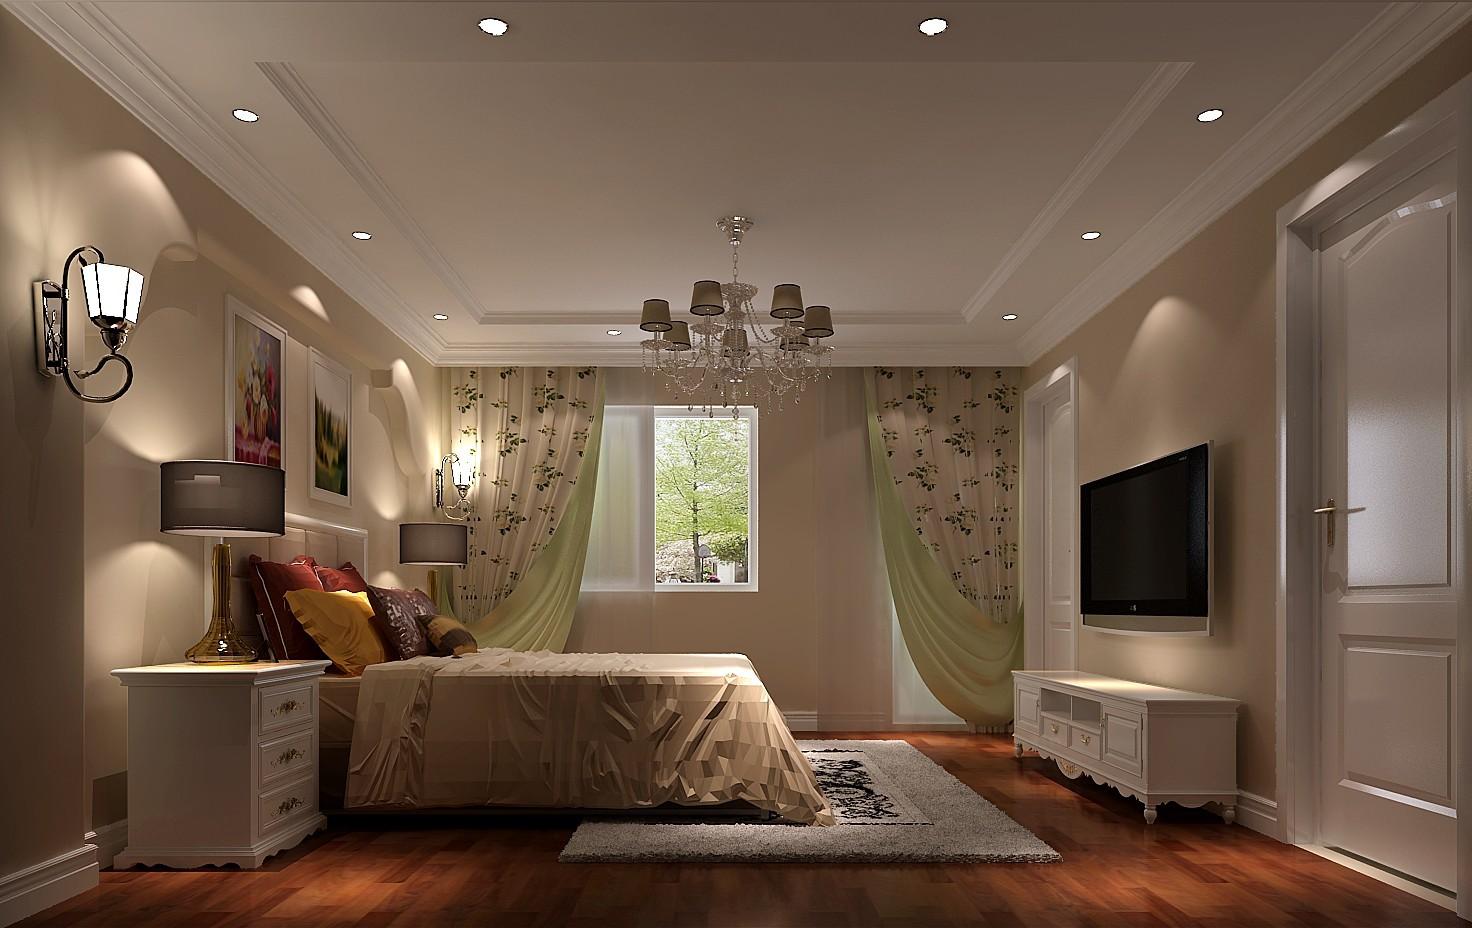 托斯卡纳 四室 小资 80后 收纳 别墅 卧室图片来自沙漠雪雨在14.8万打造托斯卡纳四居的分享